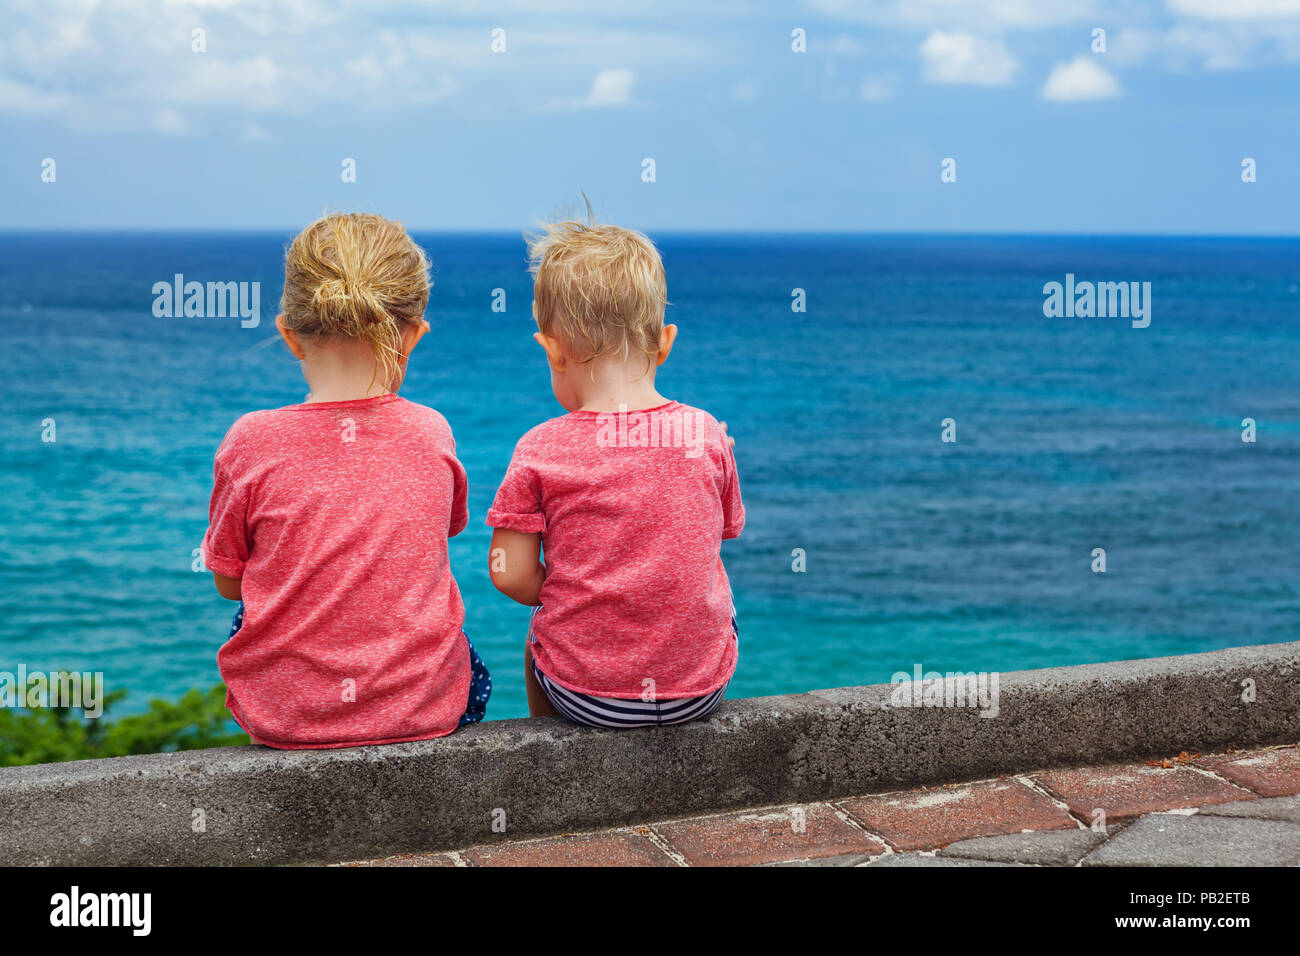 Felices los niños podrán divertirse en el paseo de la playa. Par de niños sentados en lo alto de un acantilado, hablar, mirar surf mar y cielo azul. Estilo de vida viajes, actividades al aire libre en f Imagen De Stock